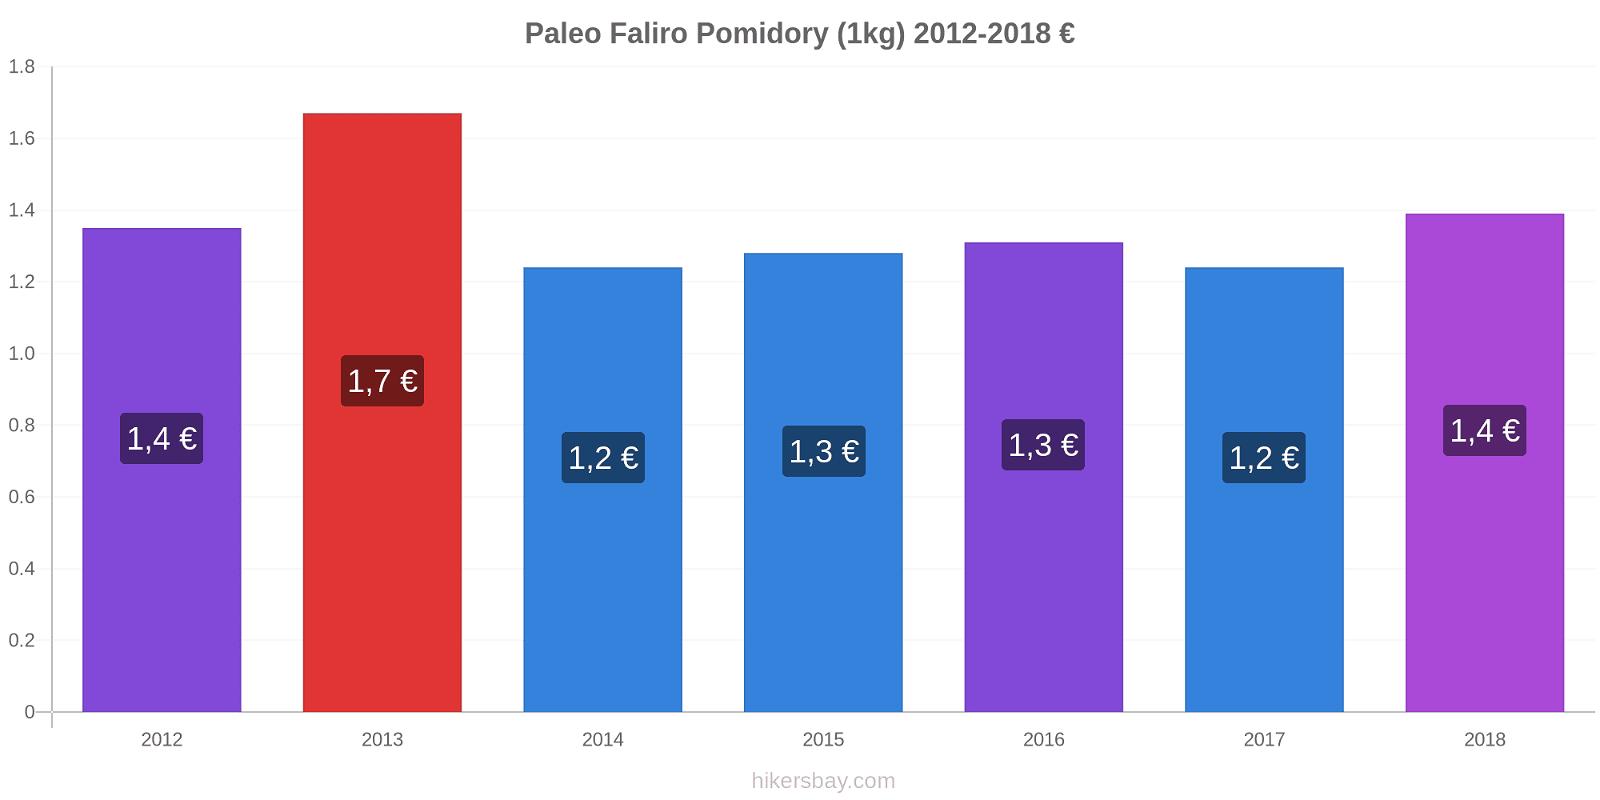 Paleo Faliro zmiany cen Pomidory (1kg) hikersbay.com